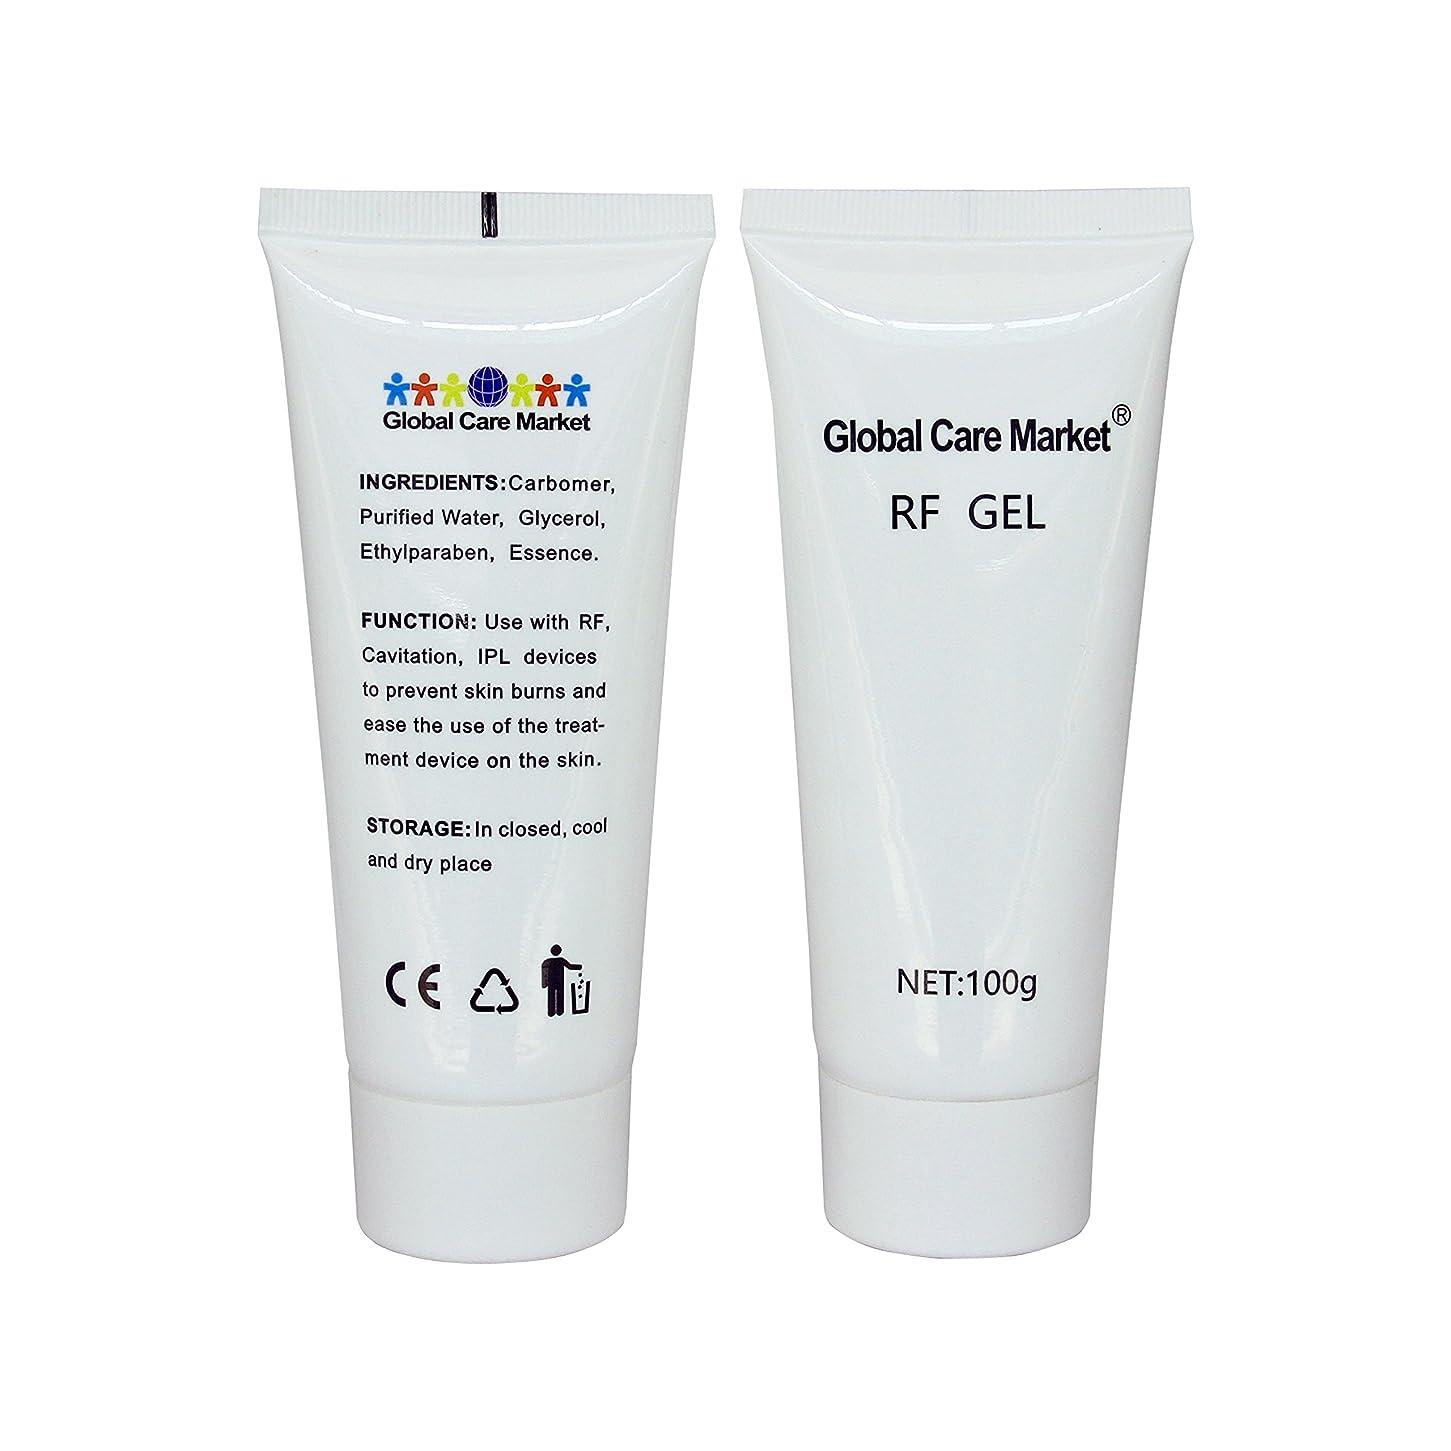 部分的に彫刻消すRF GEL(2 Pack) - 高周波治療装置に使用する皮膚冷却および潤滑です